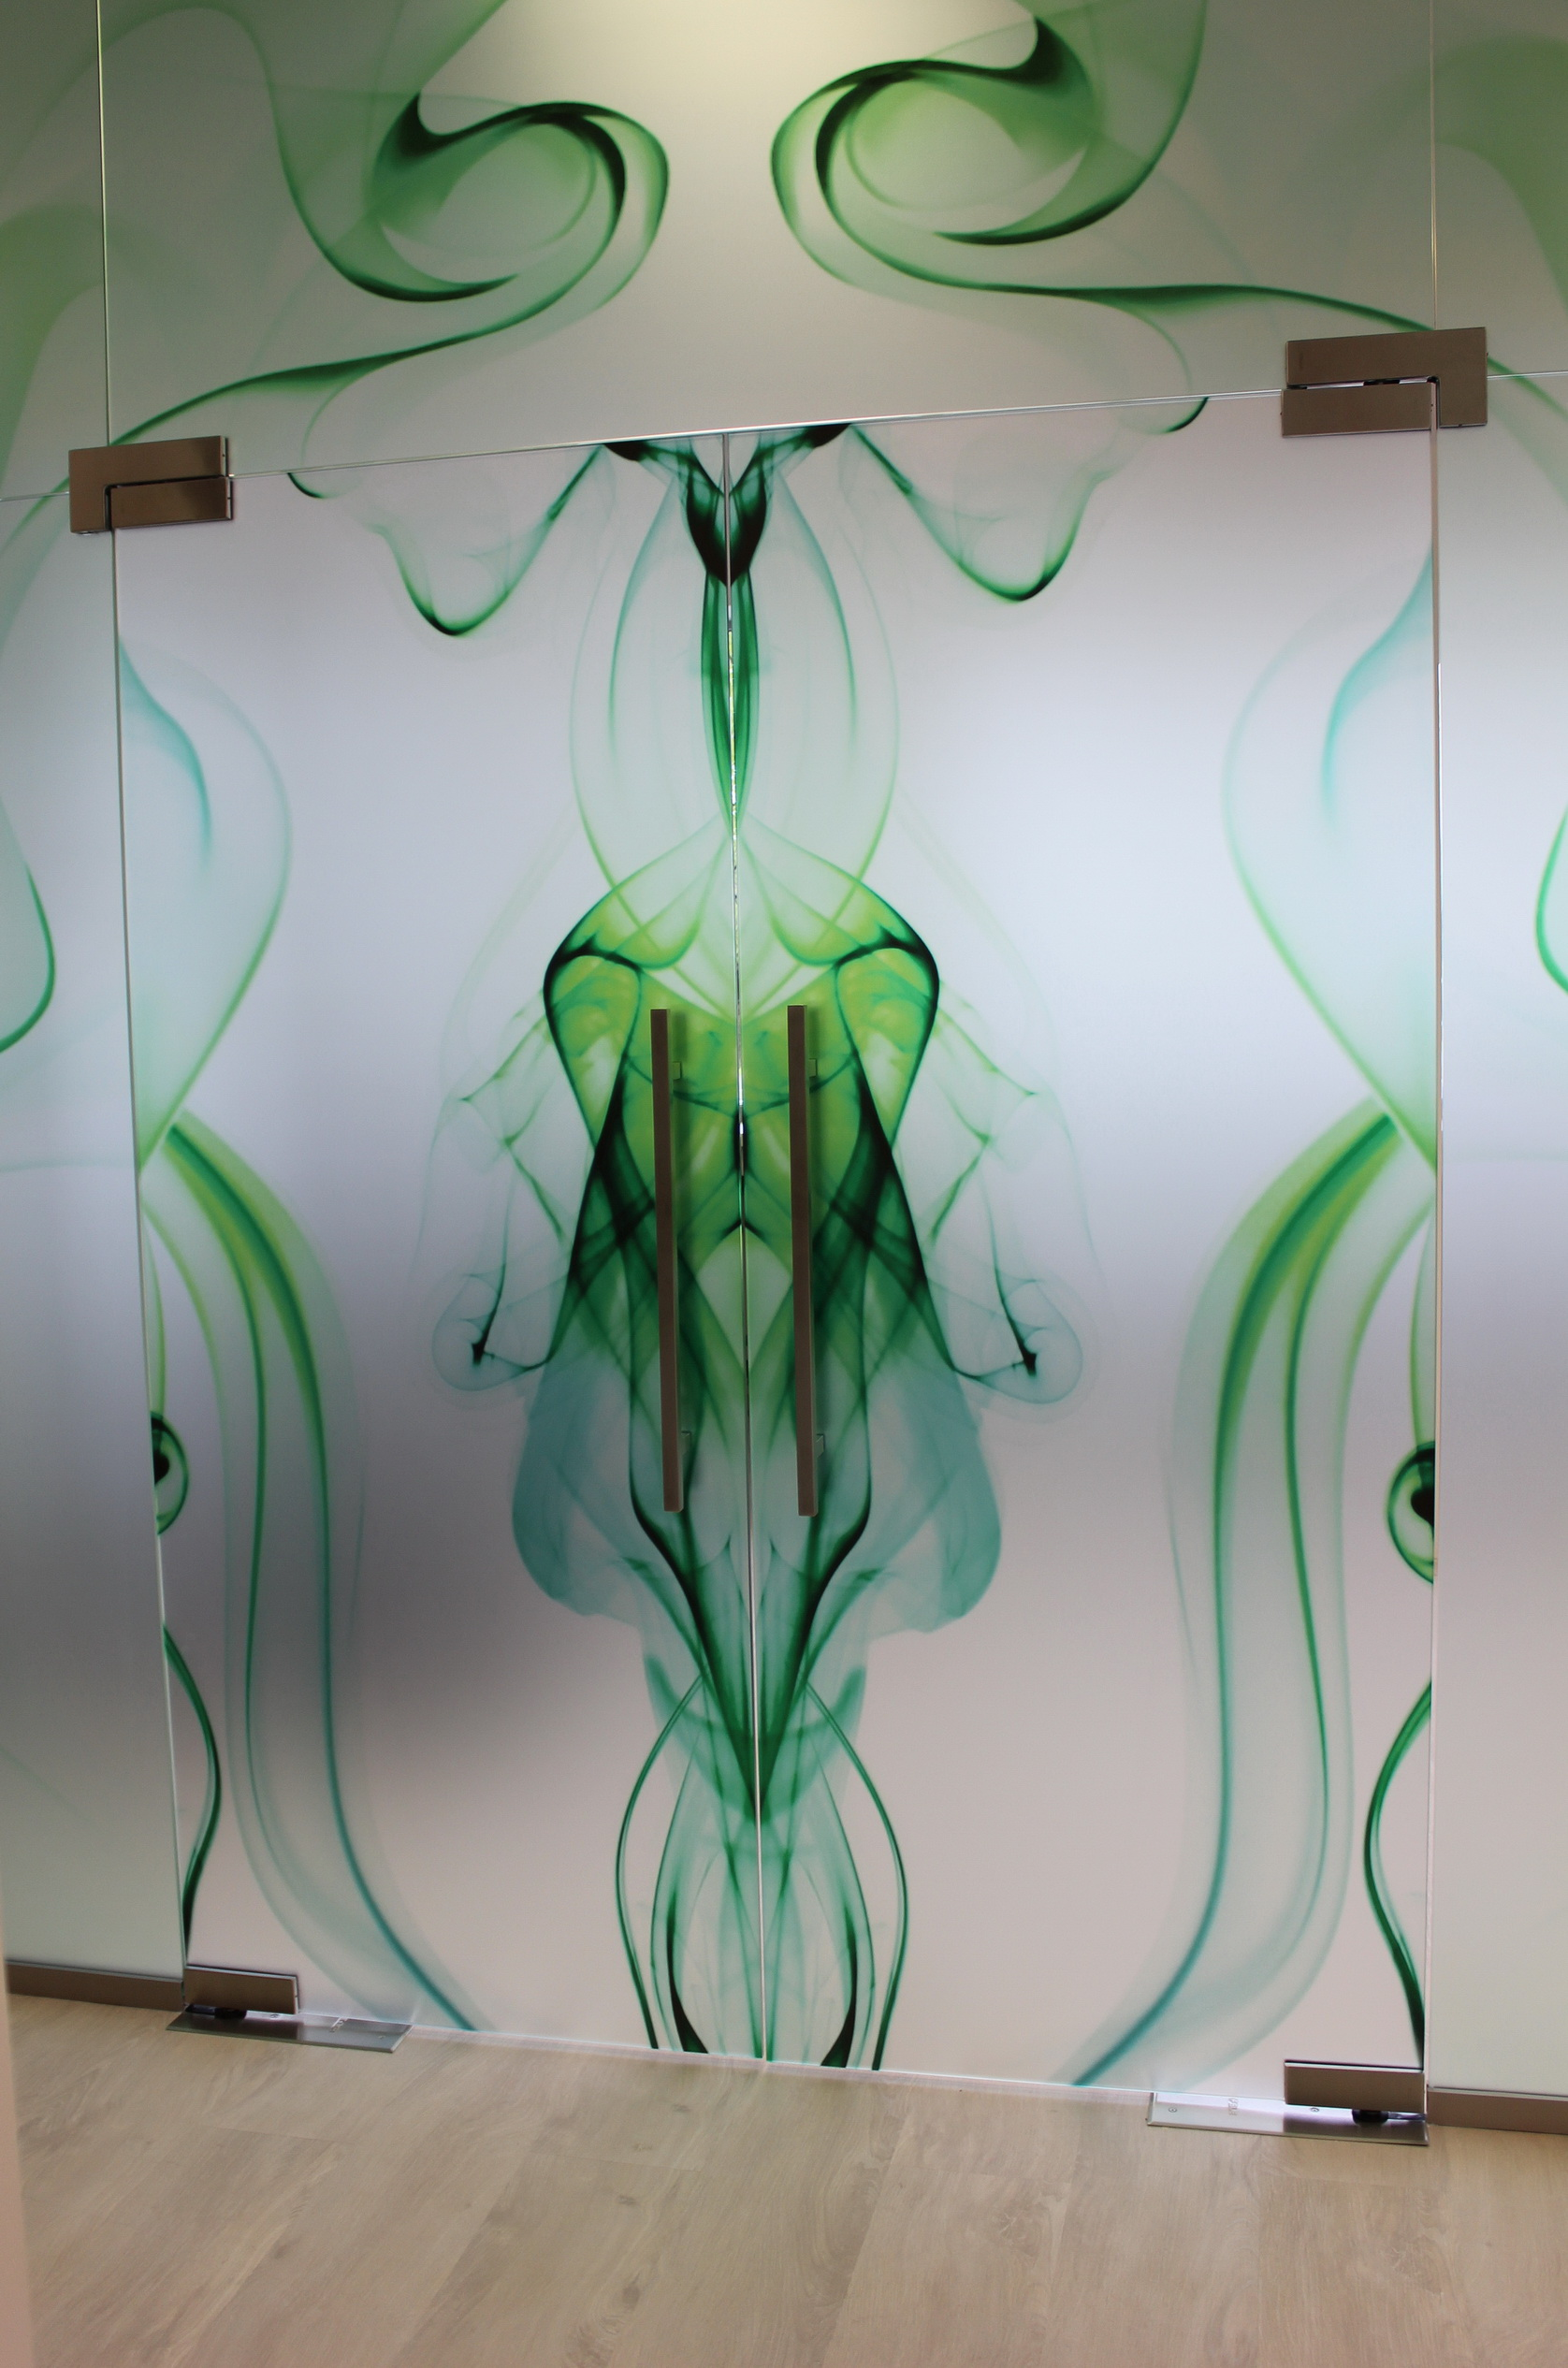 sklenena stena 01.2